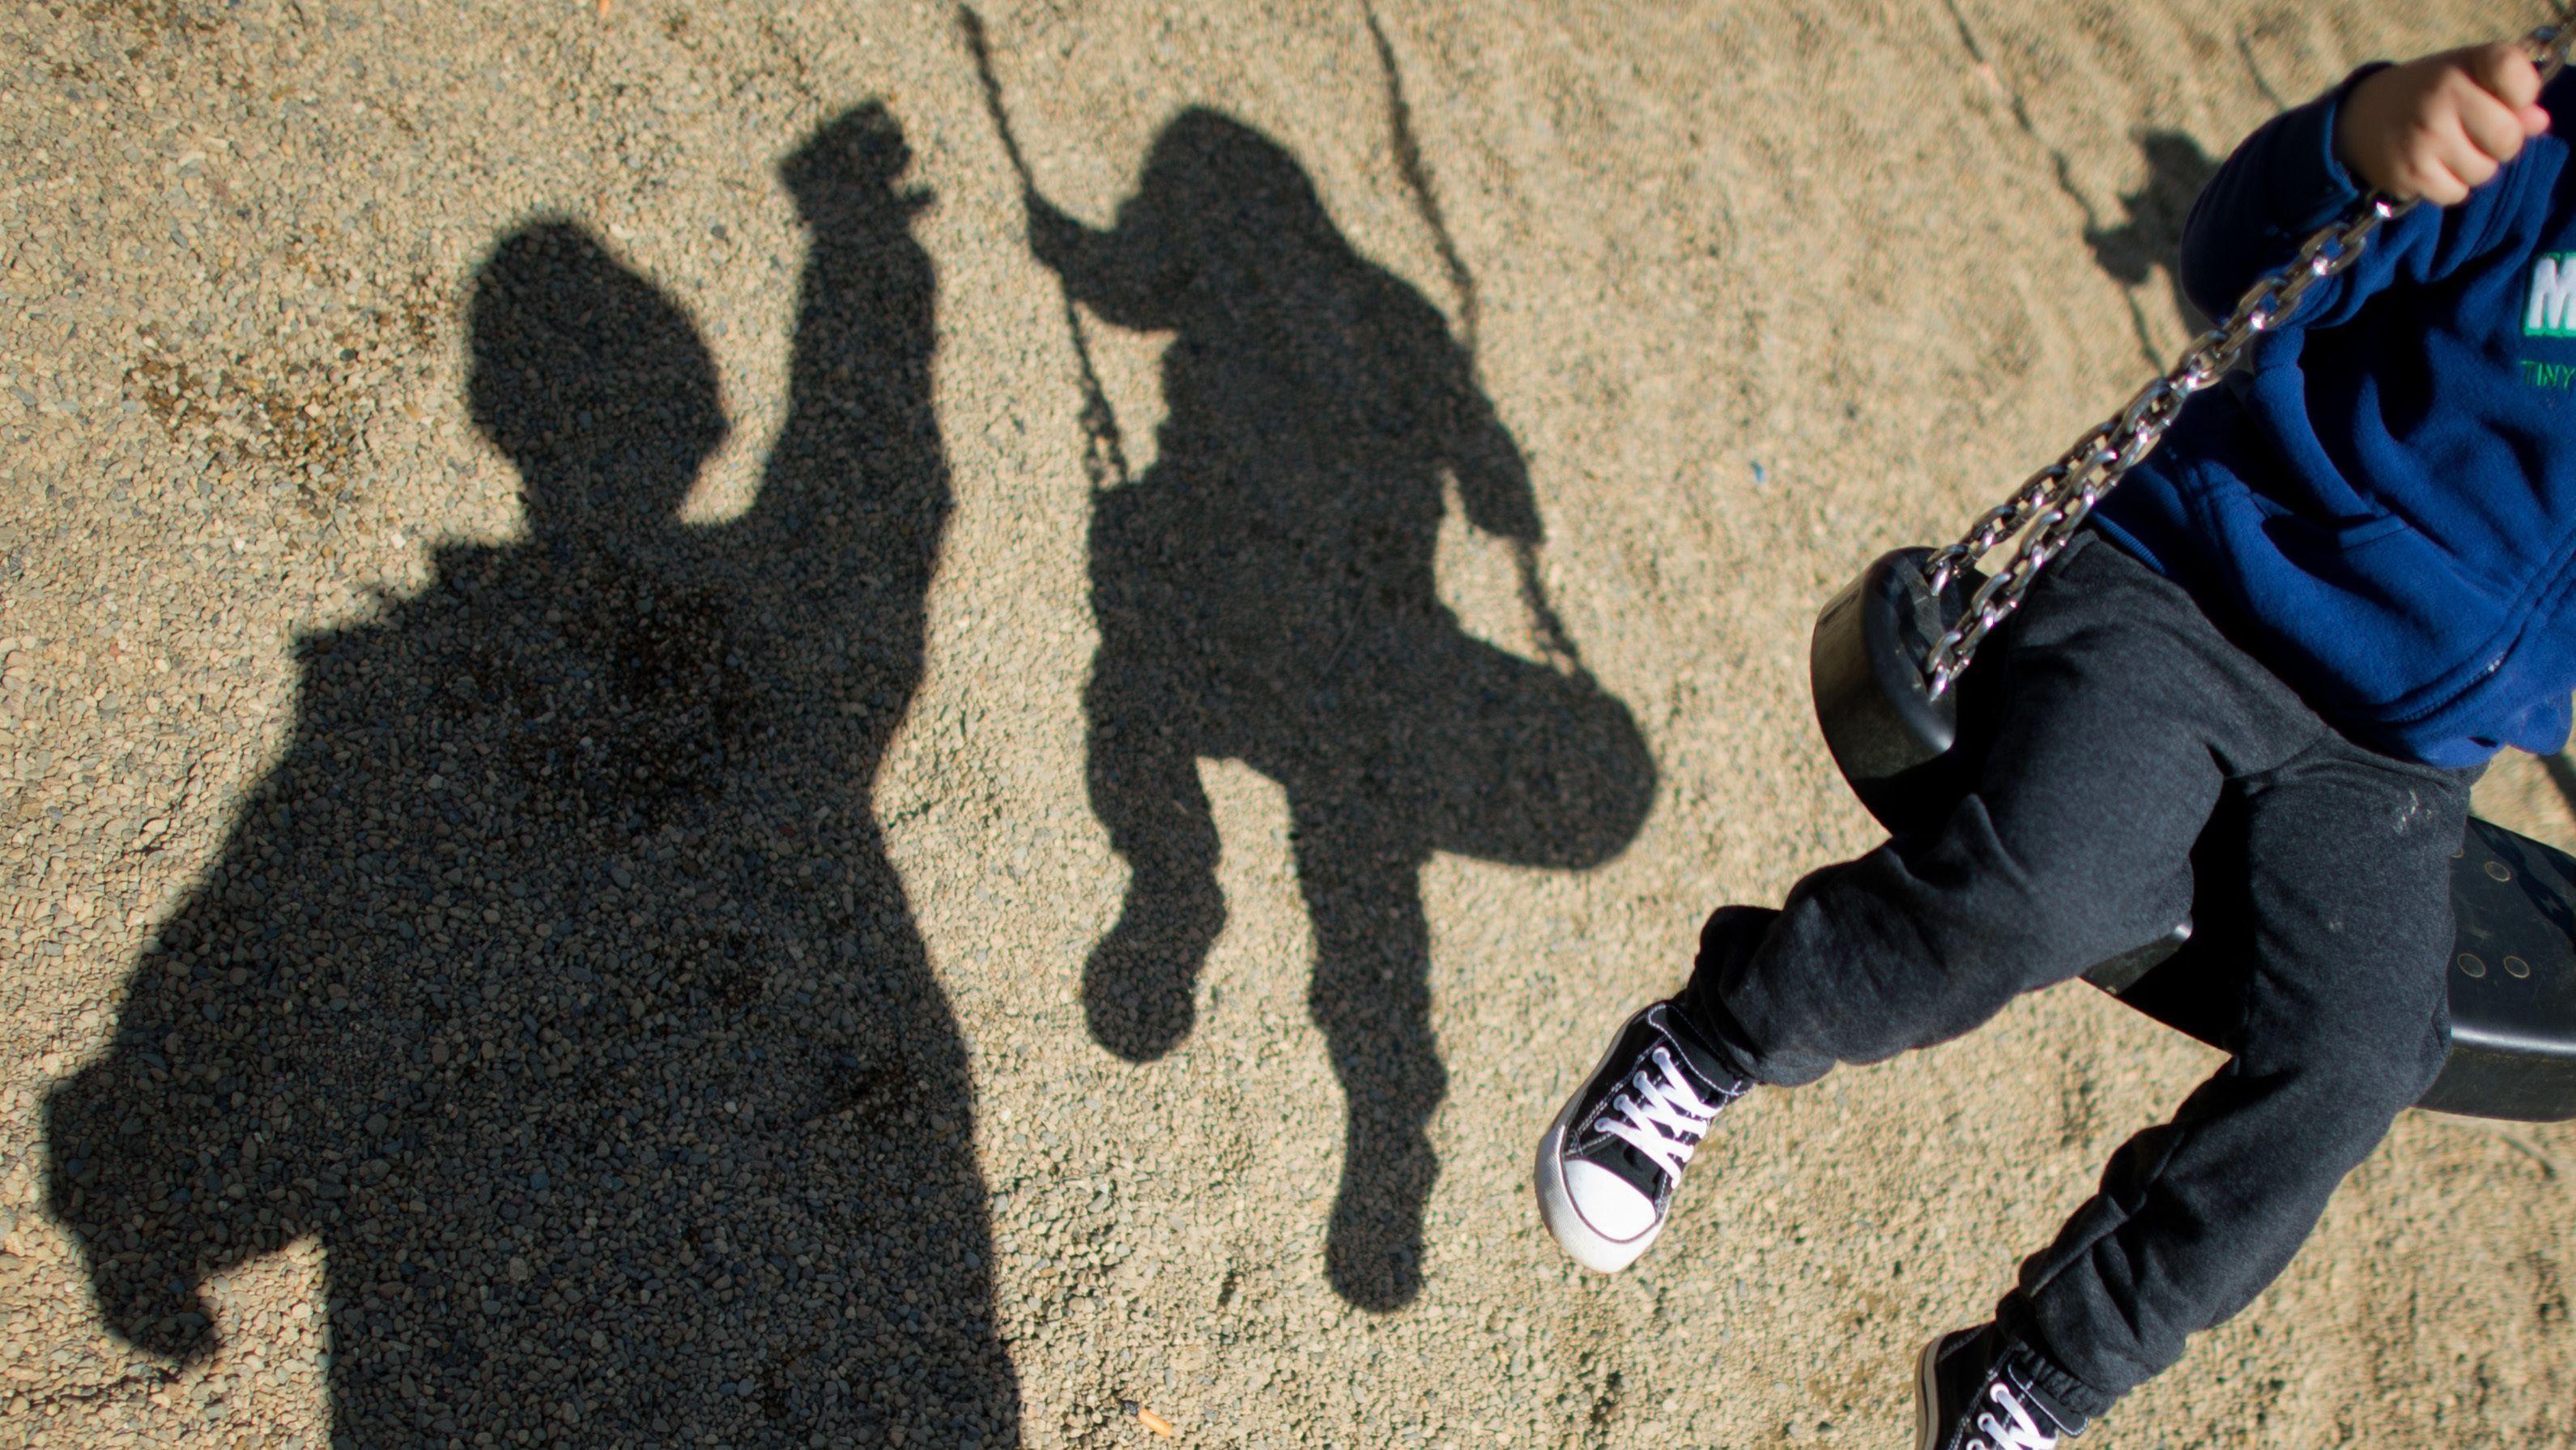 Ein Kind auf einer Schaukel neben dem Schatten eines Mannes (Symbolbild)